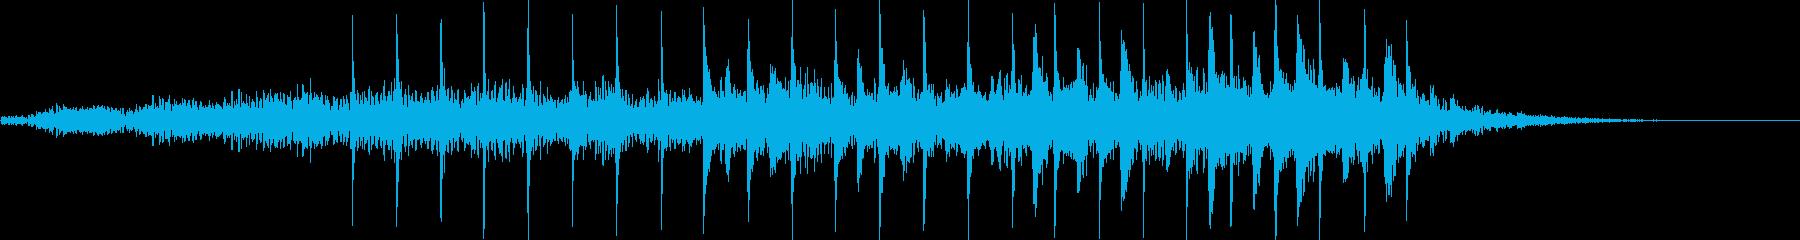 幻想的ミステリアスオープニングジングルの再生済みの波形